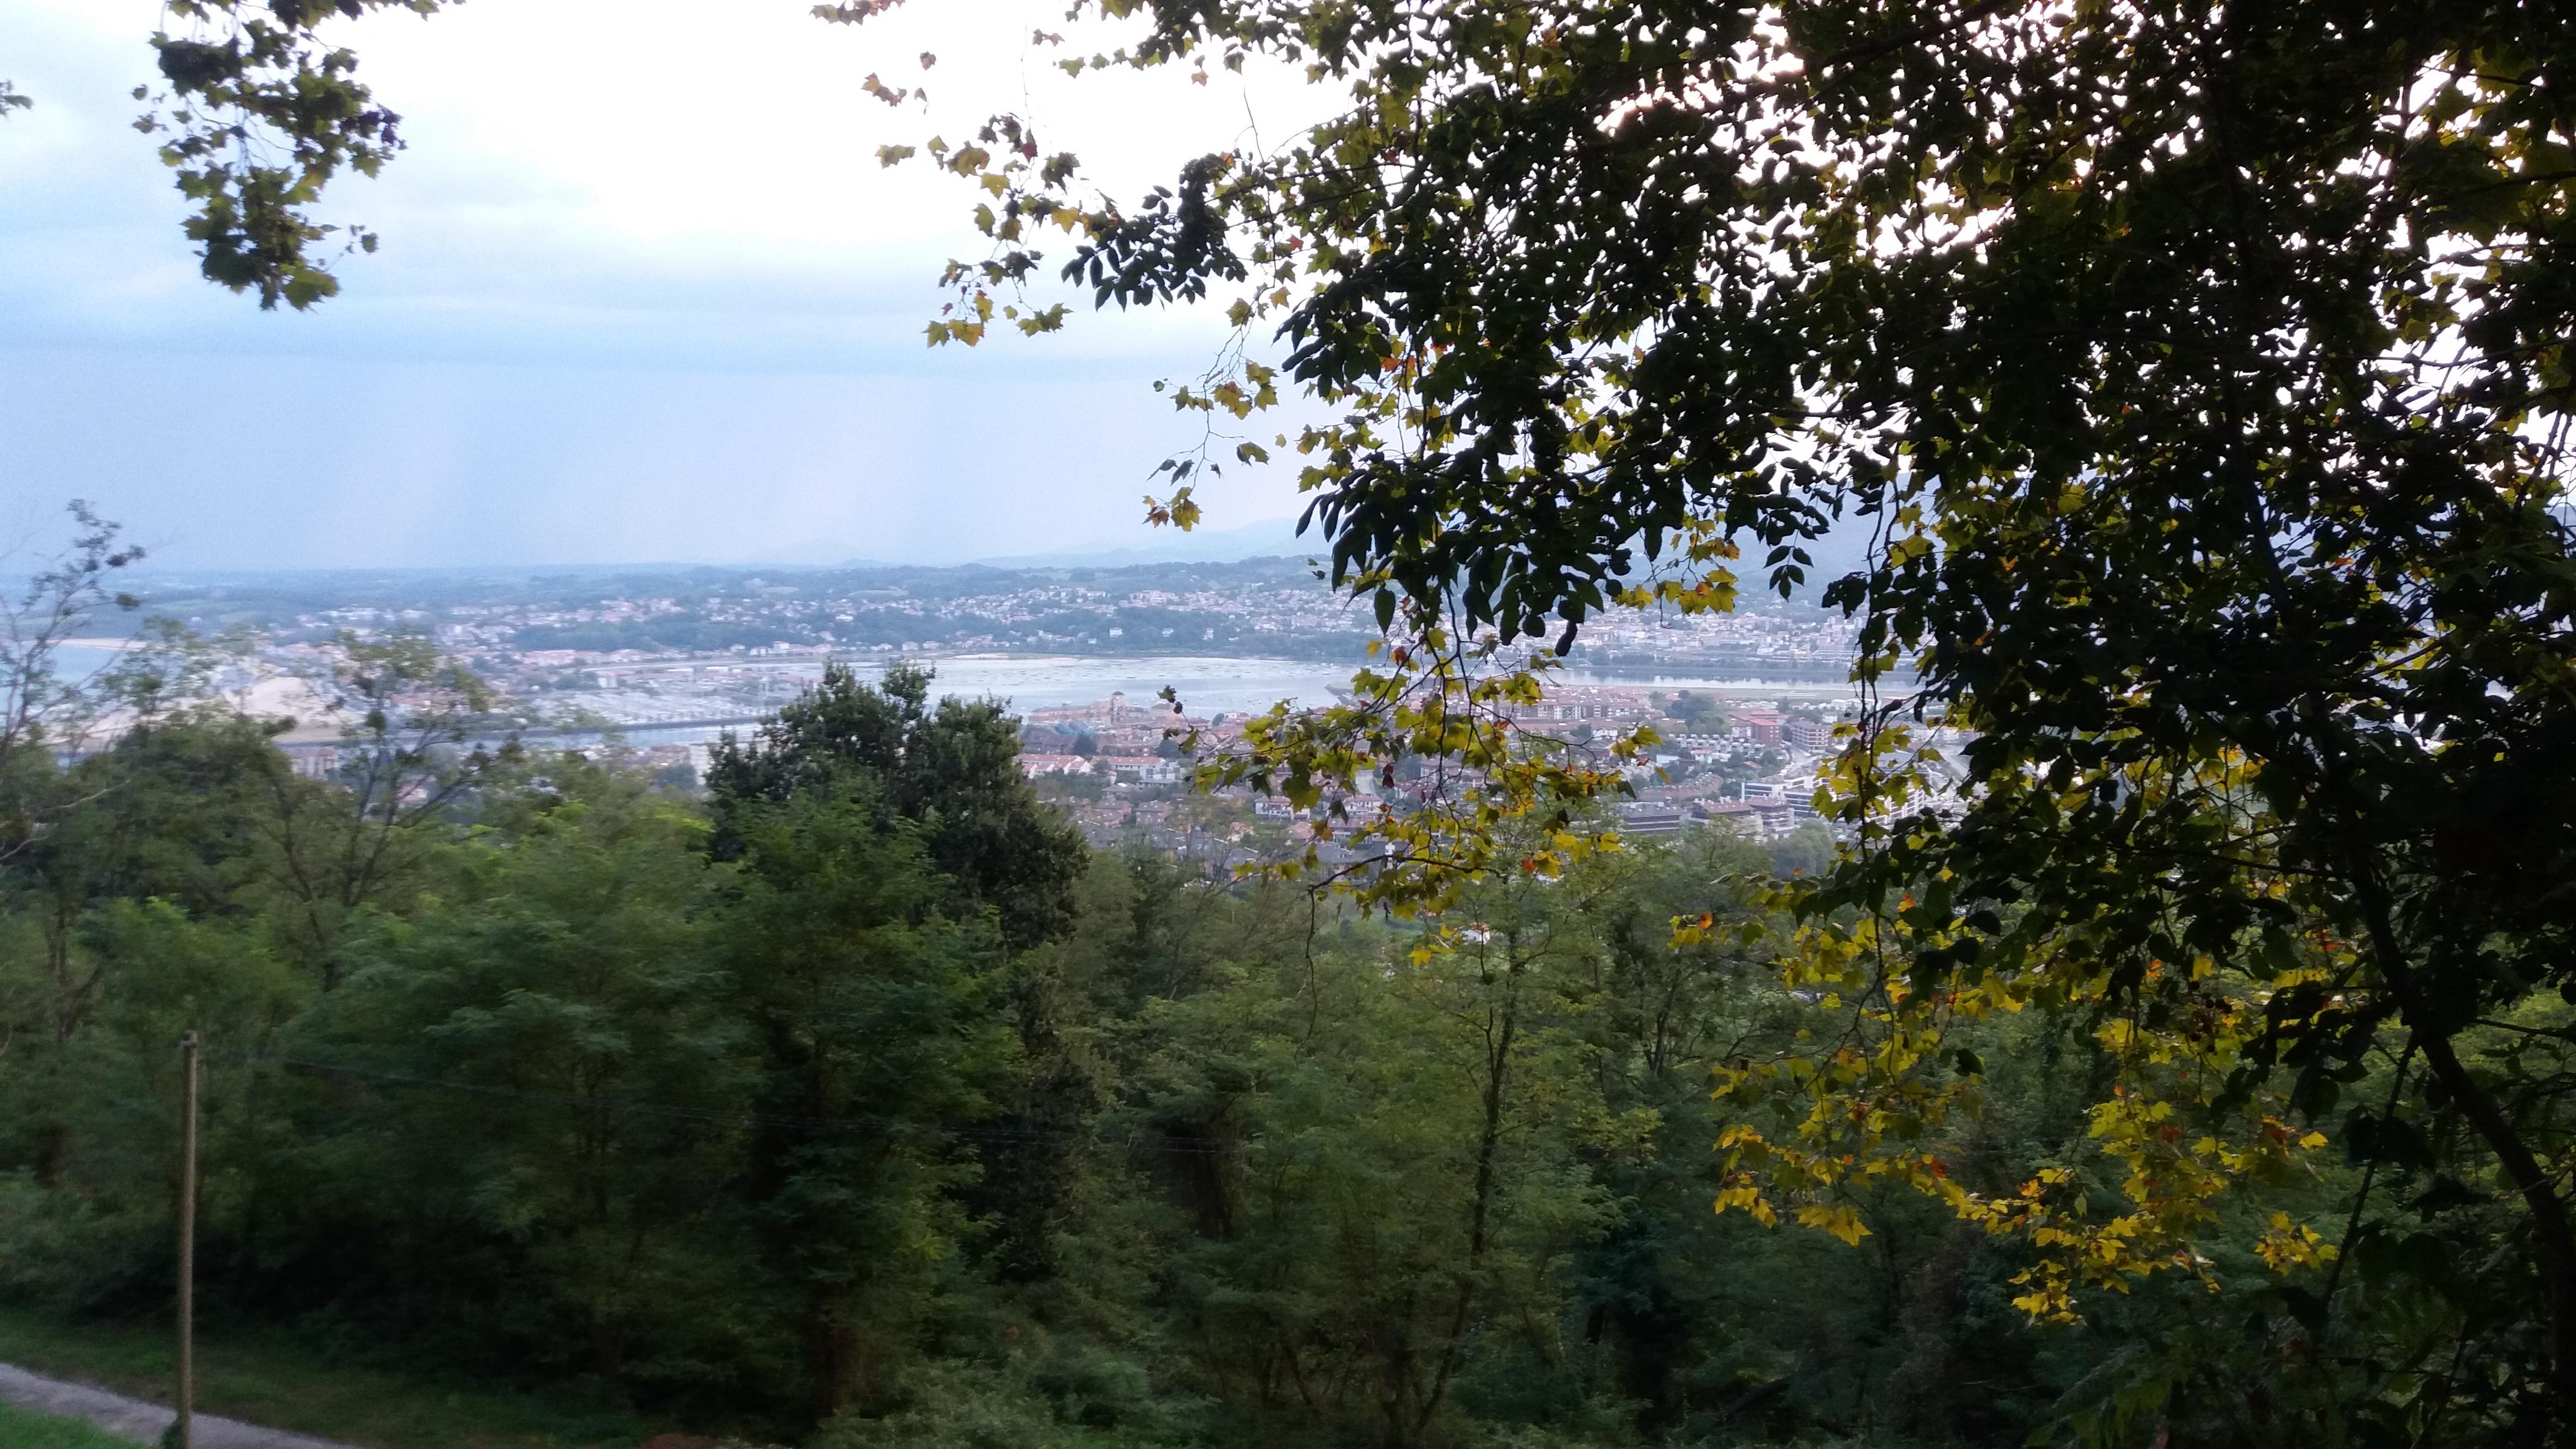 View of Irun and Hendaye